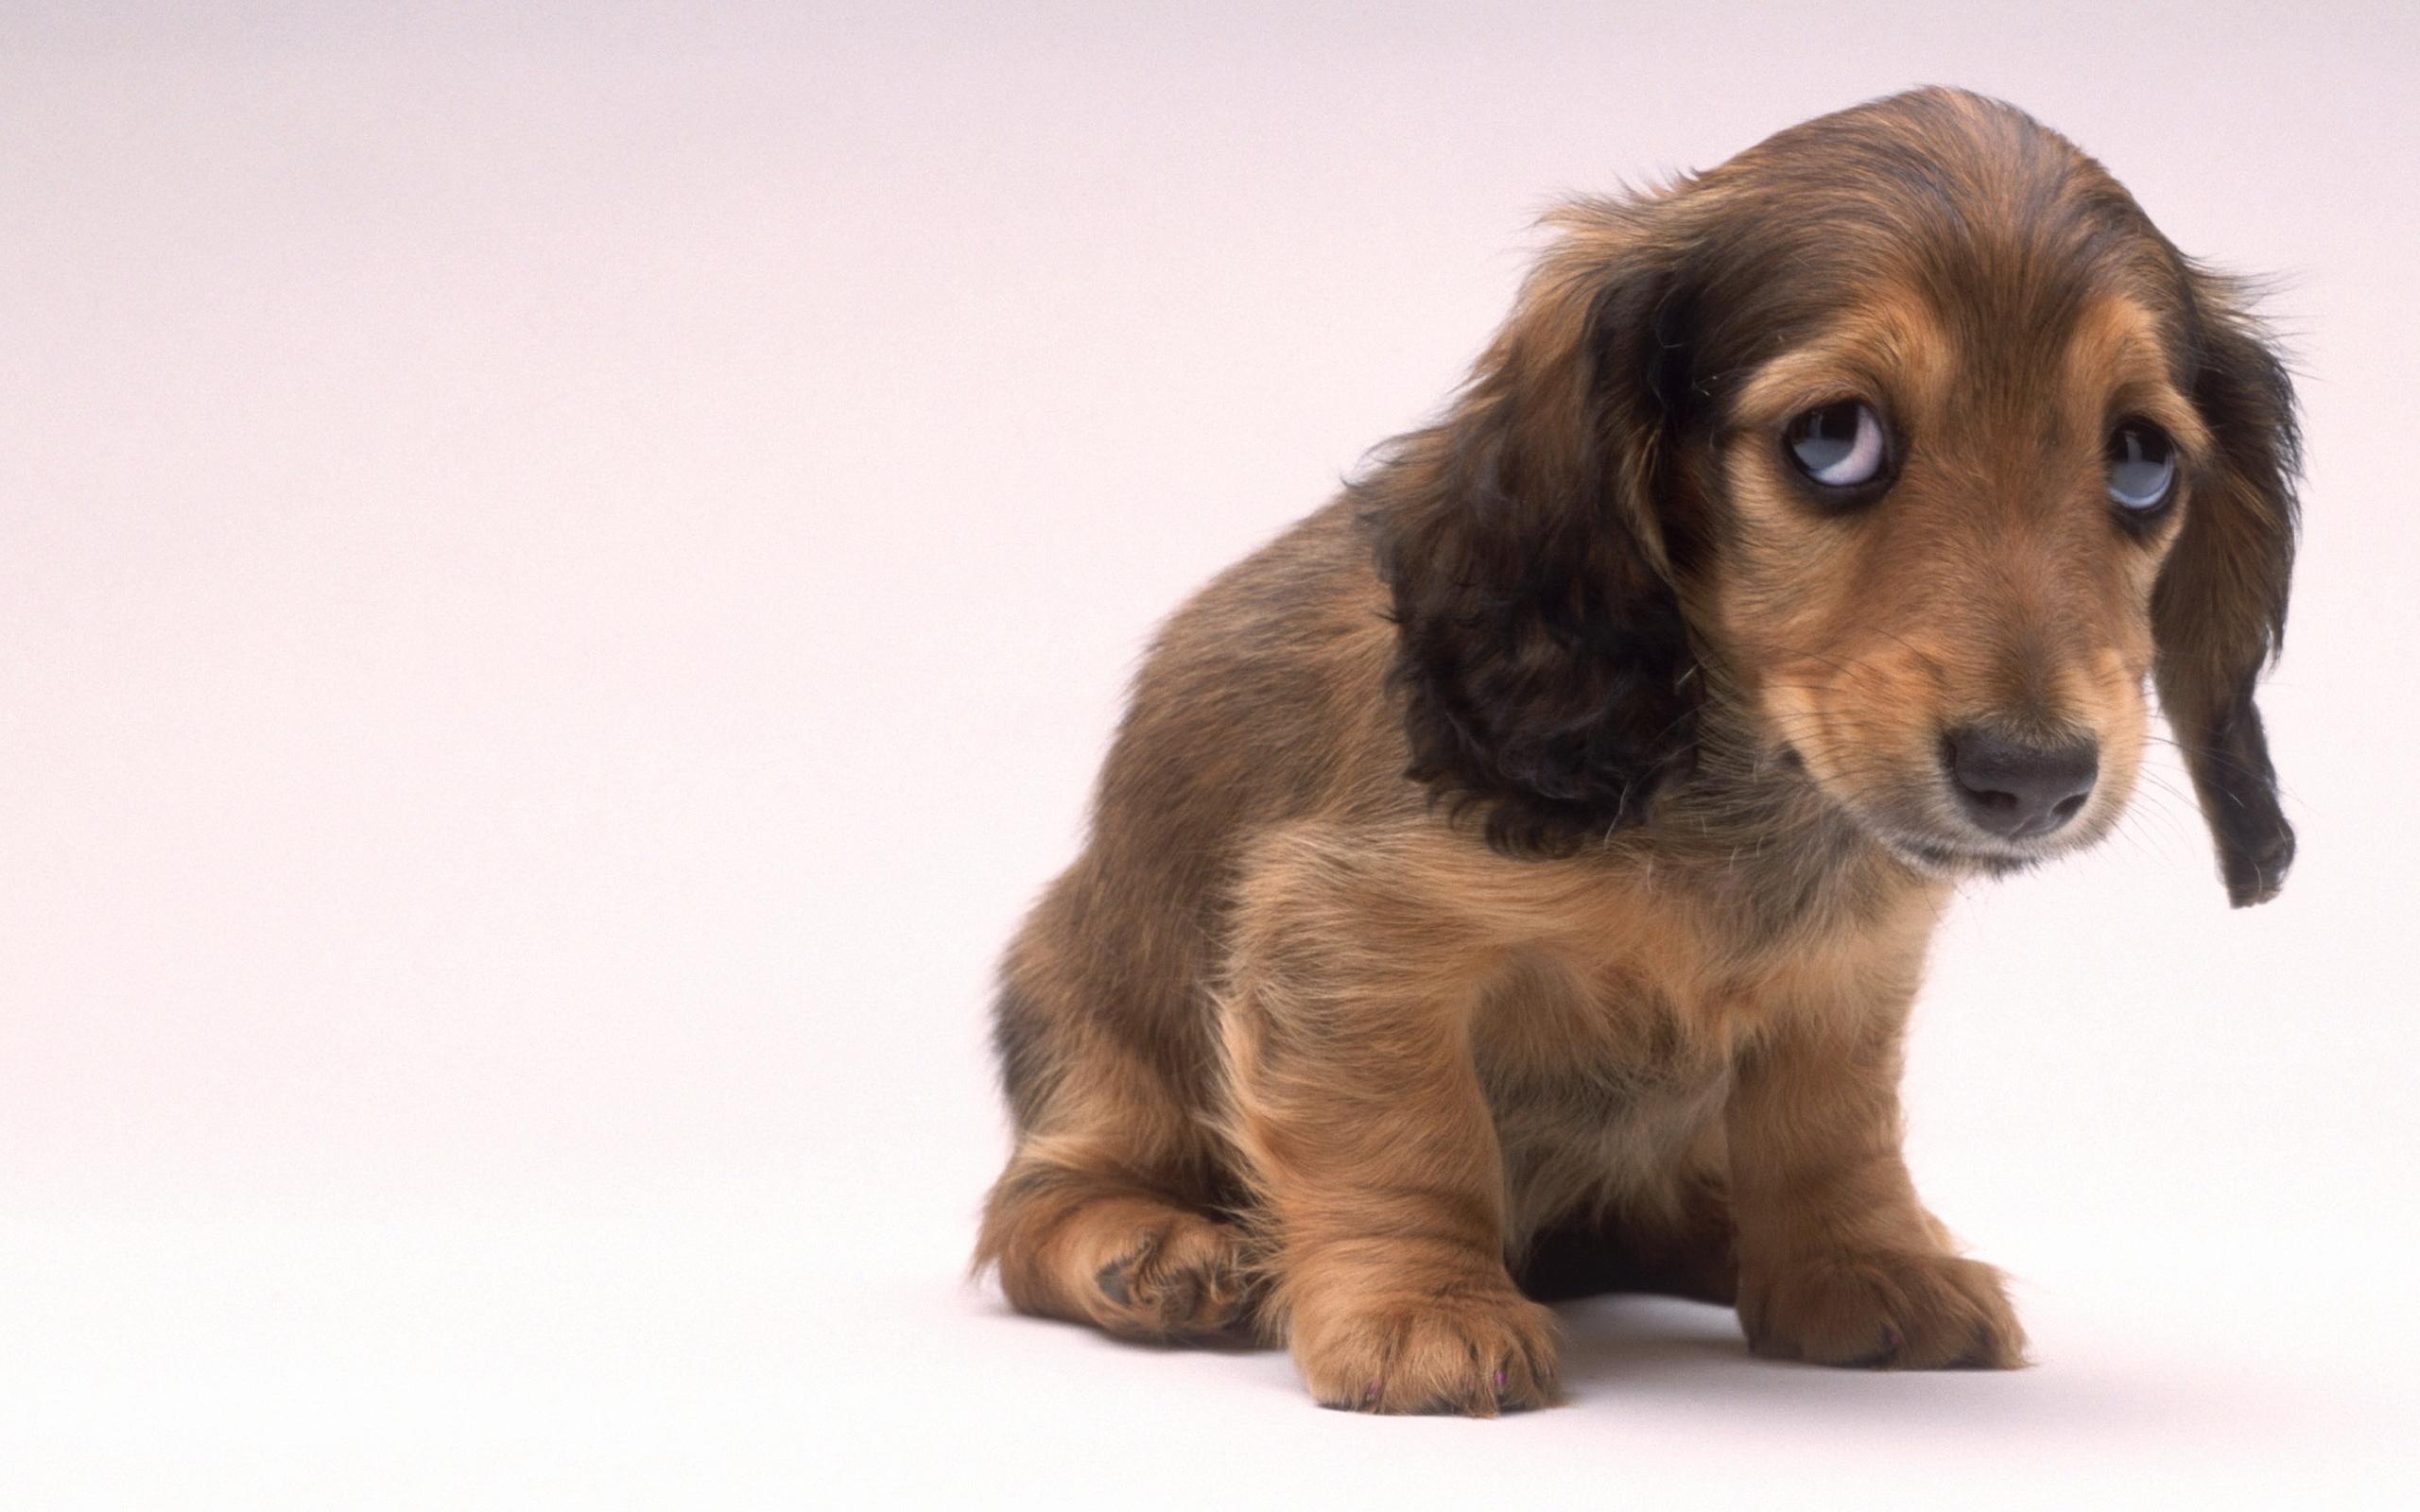 щенок просит прощения картинки объявление услугах